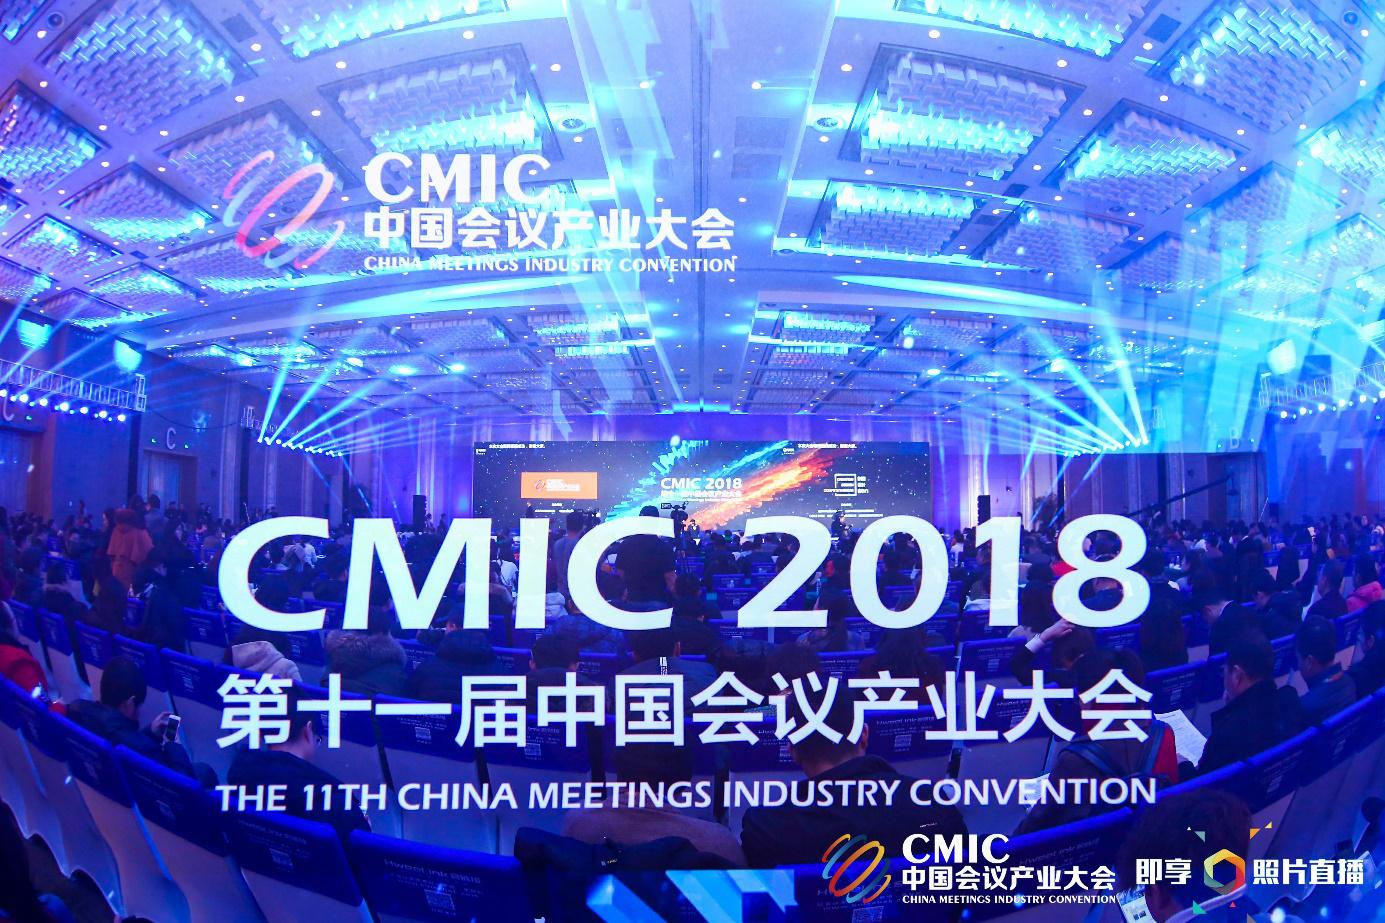 第十一届中国会议产业大会完美谢幕 创意设计引领发展新方向